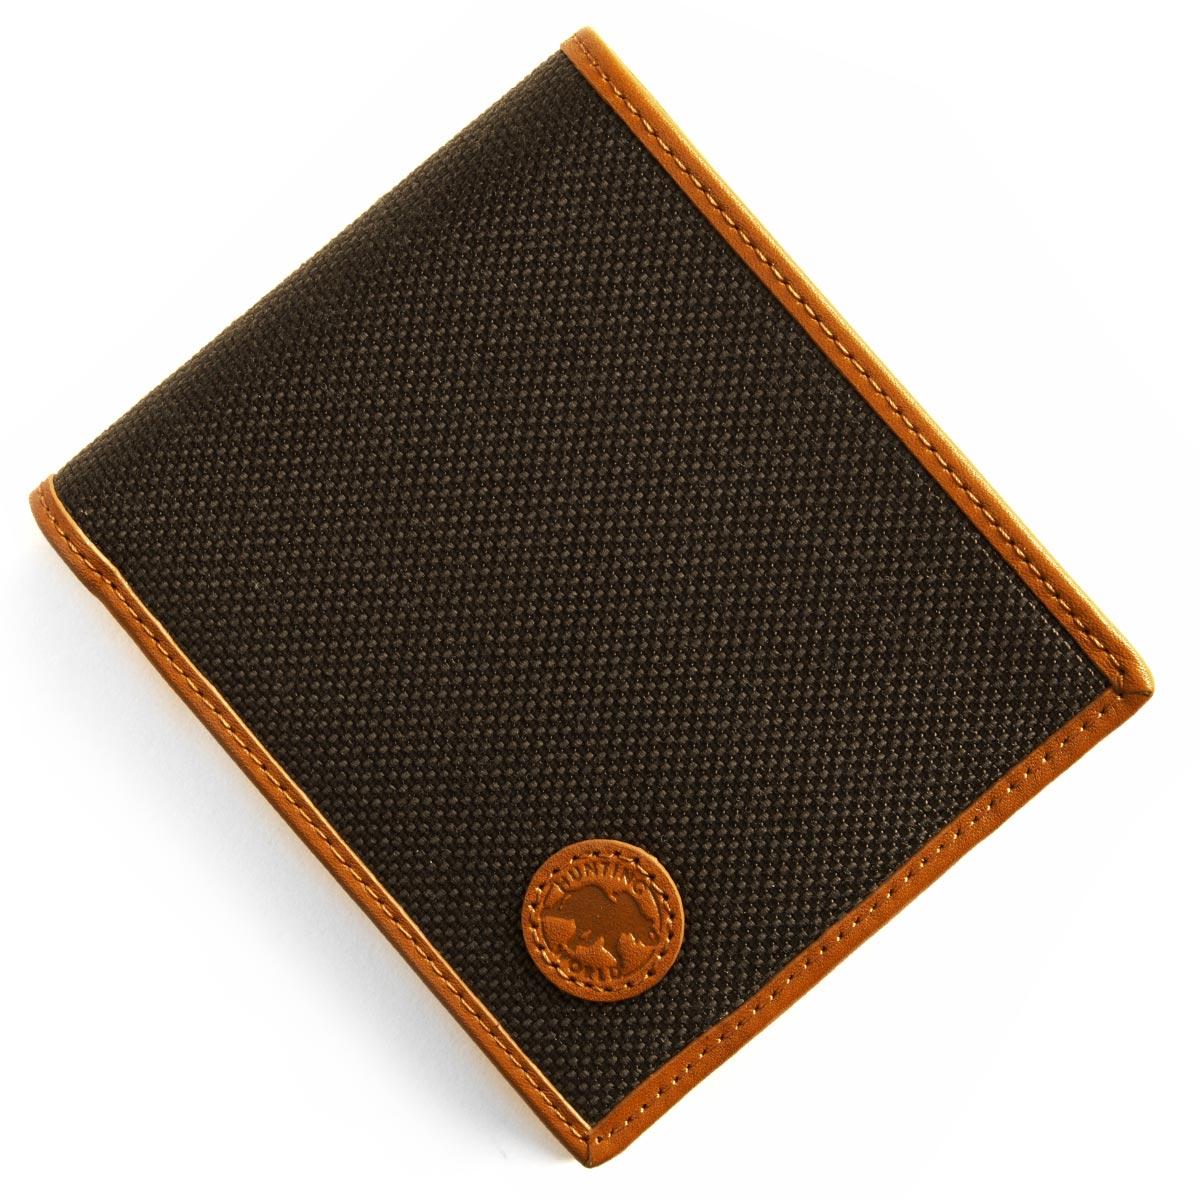 【最大3万円割引クーポン 11/01~】ハンティングワールド 二つ折り財布 財布 メンズ アドゥービ ADOBE ダークブラウン&オレンジ 674 435 HUNTING WORLD